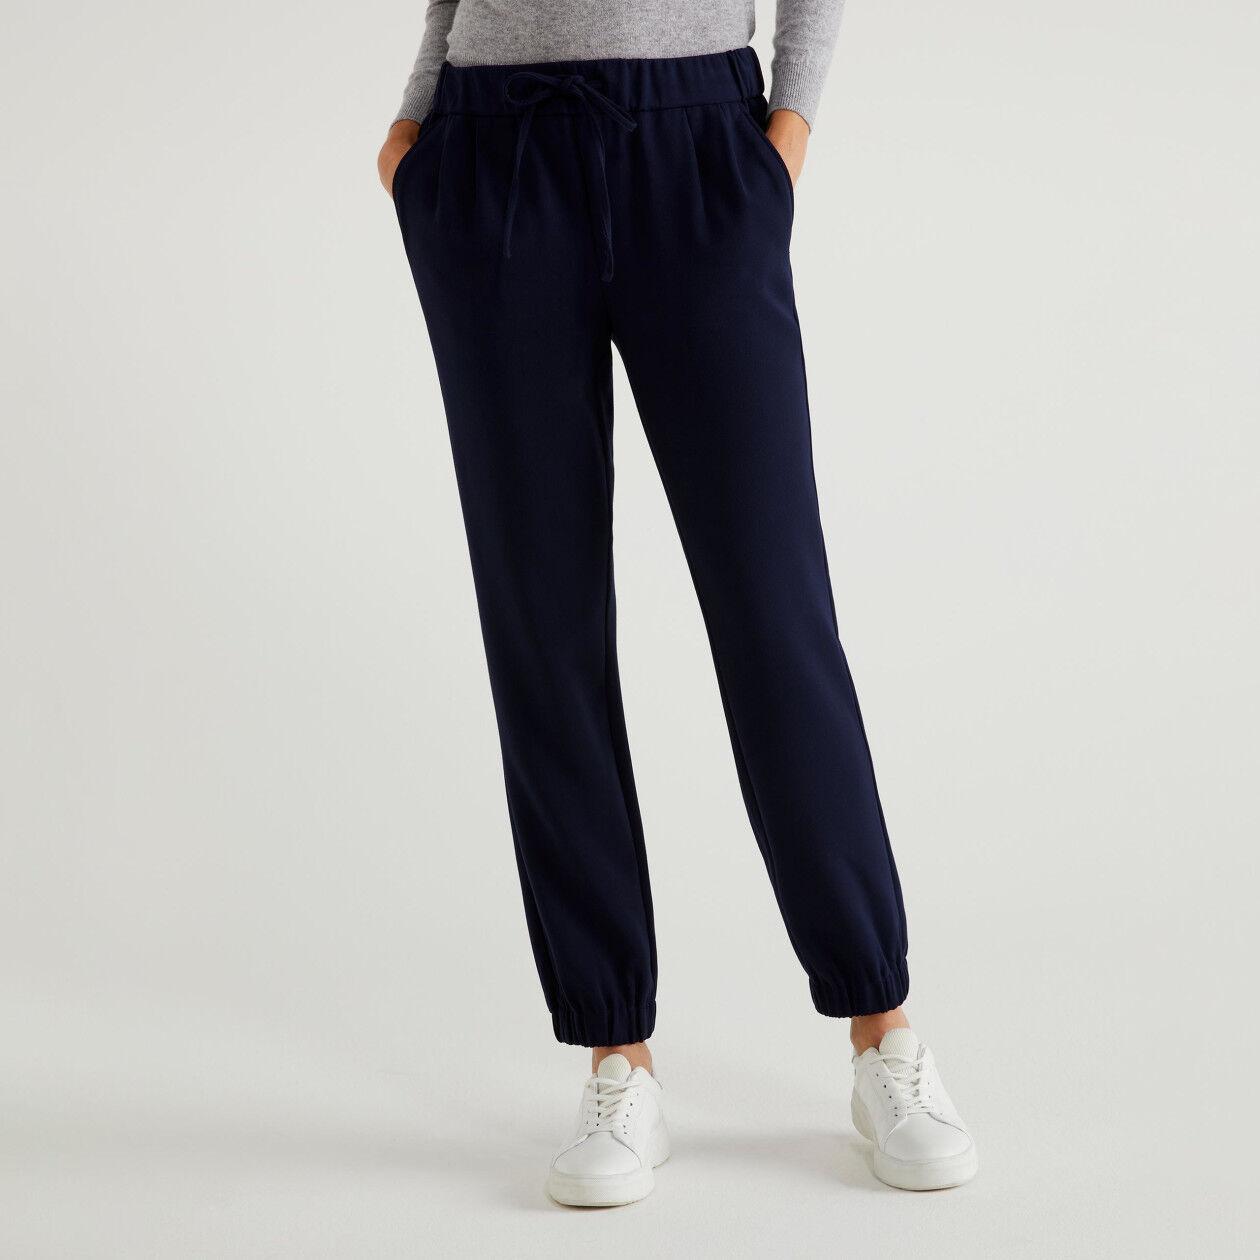 Pantalon avec élastique en bas